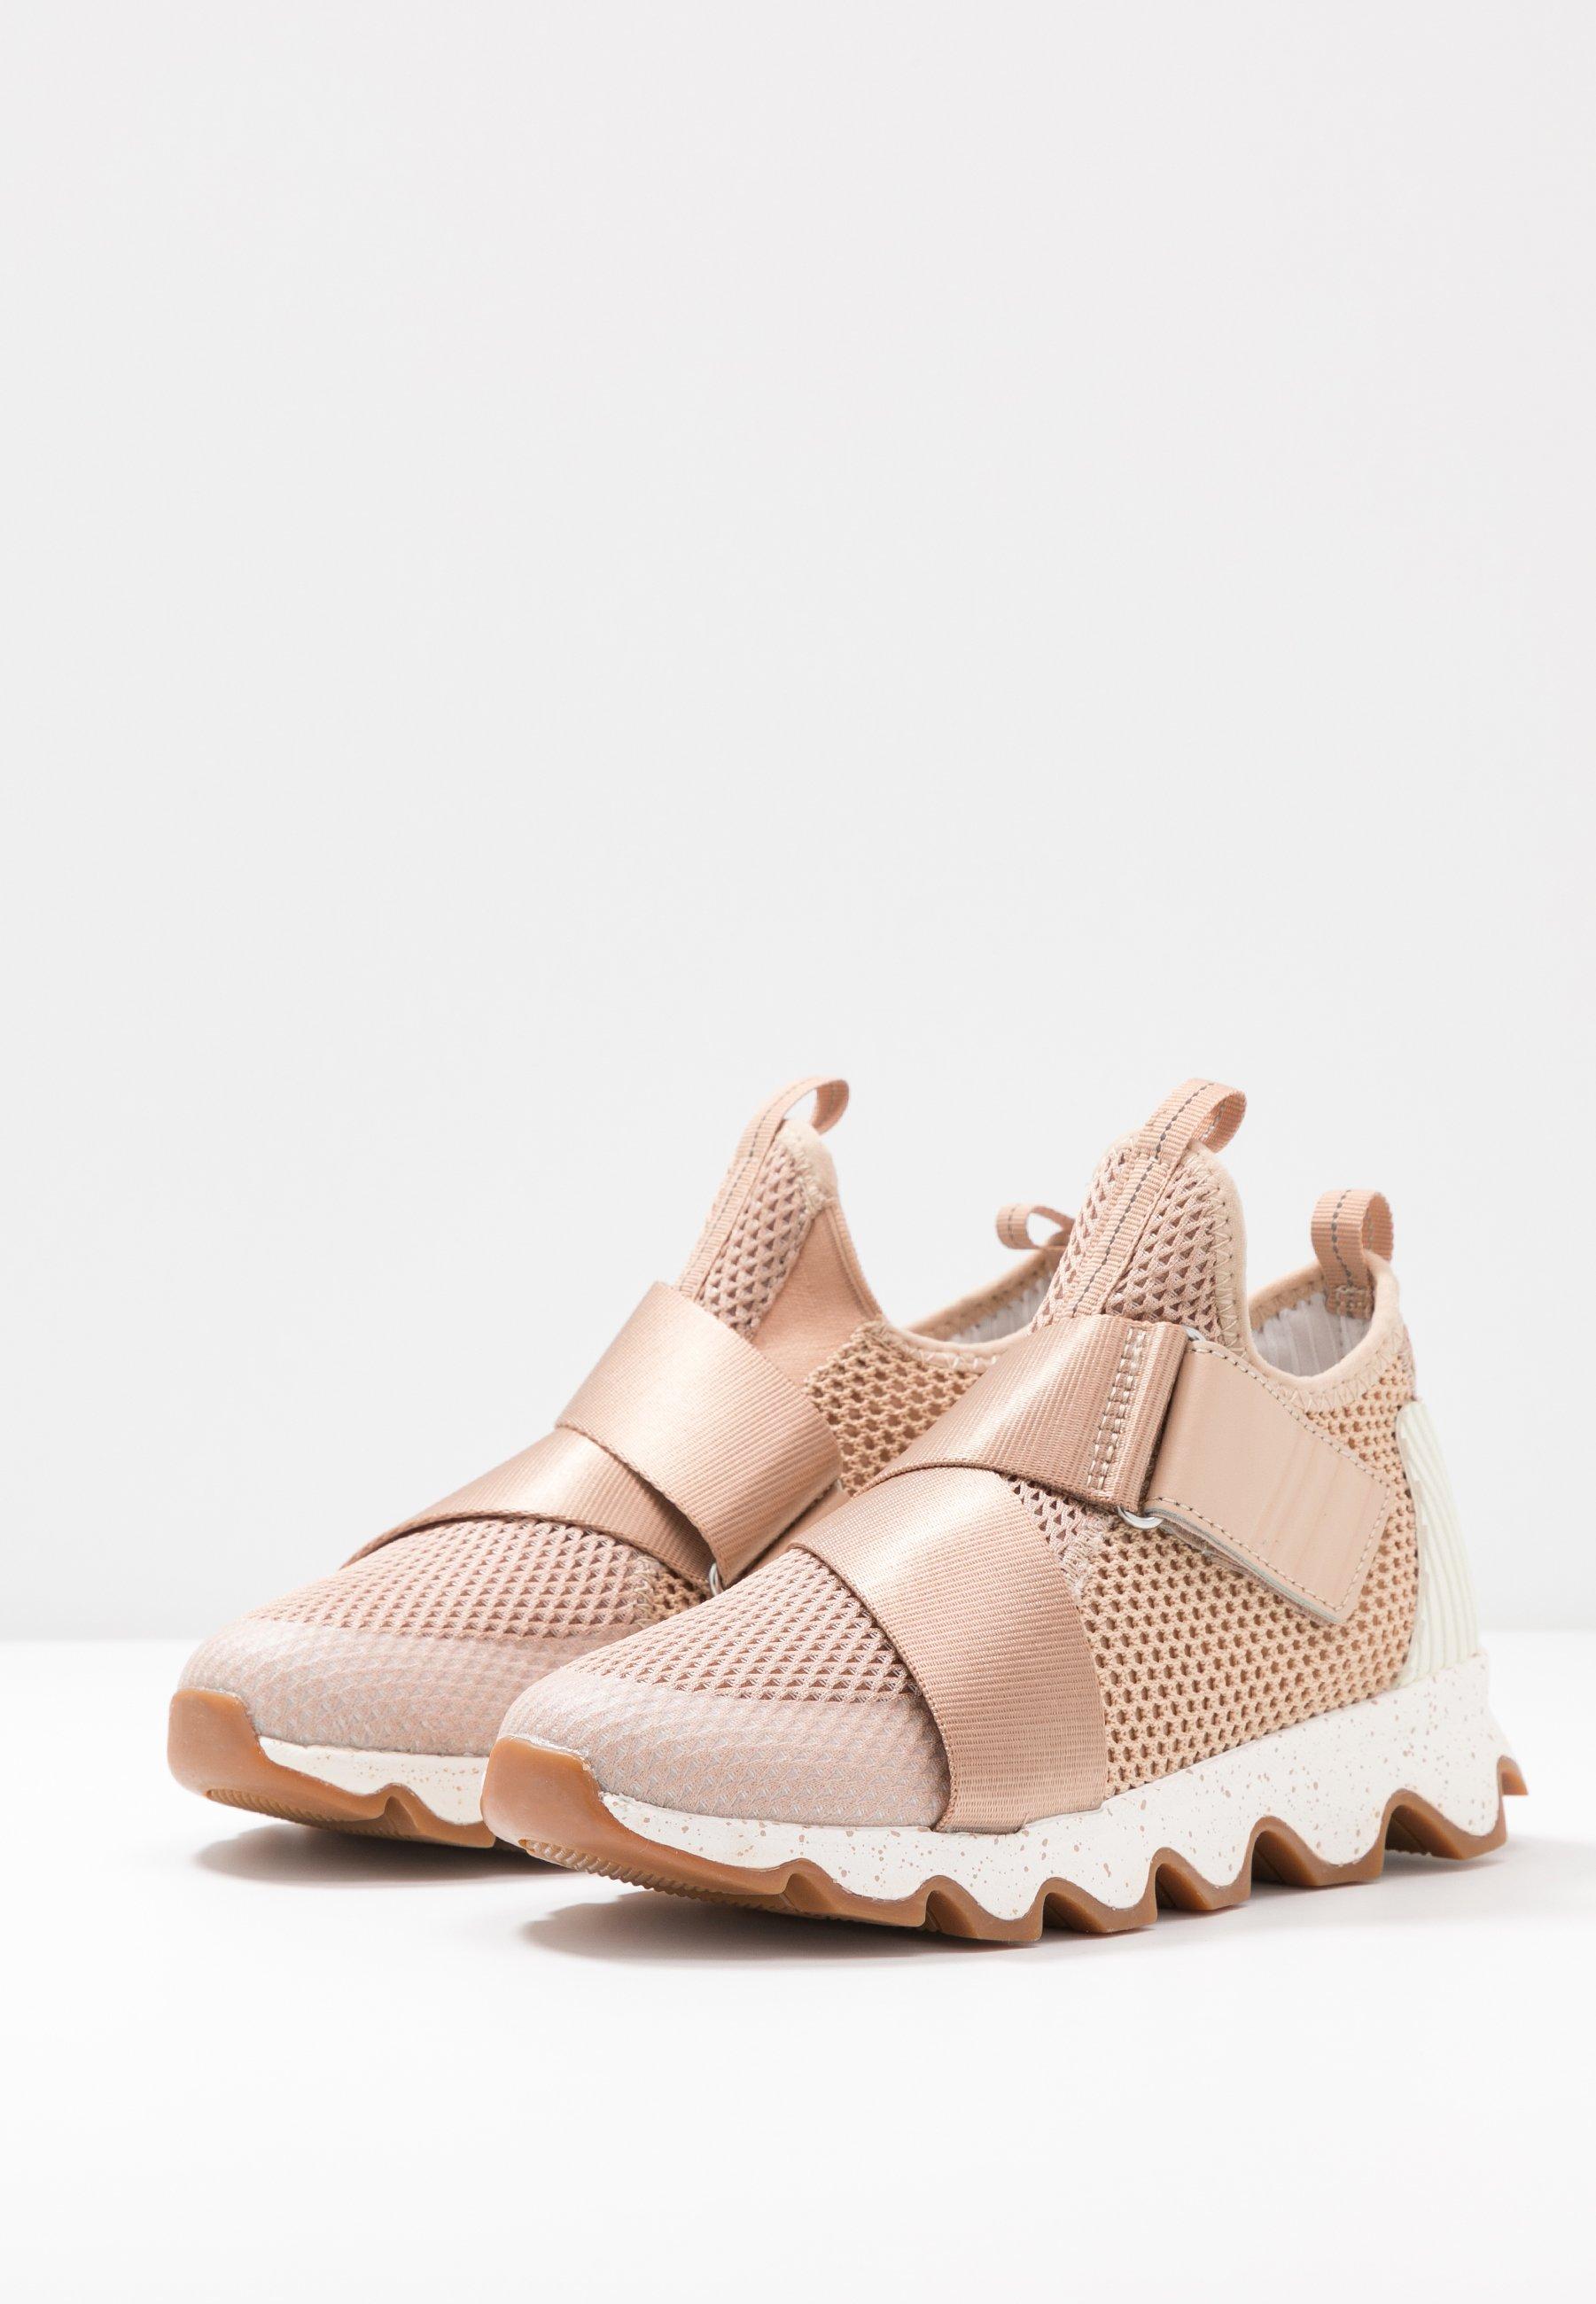 KINETIC Sneakers natural tan